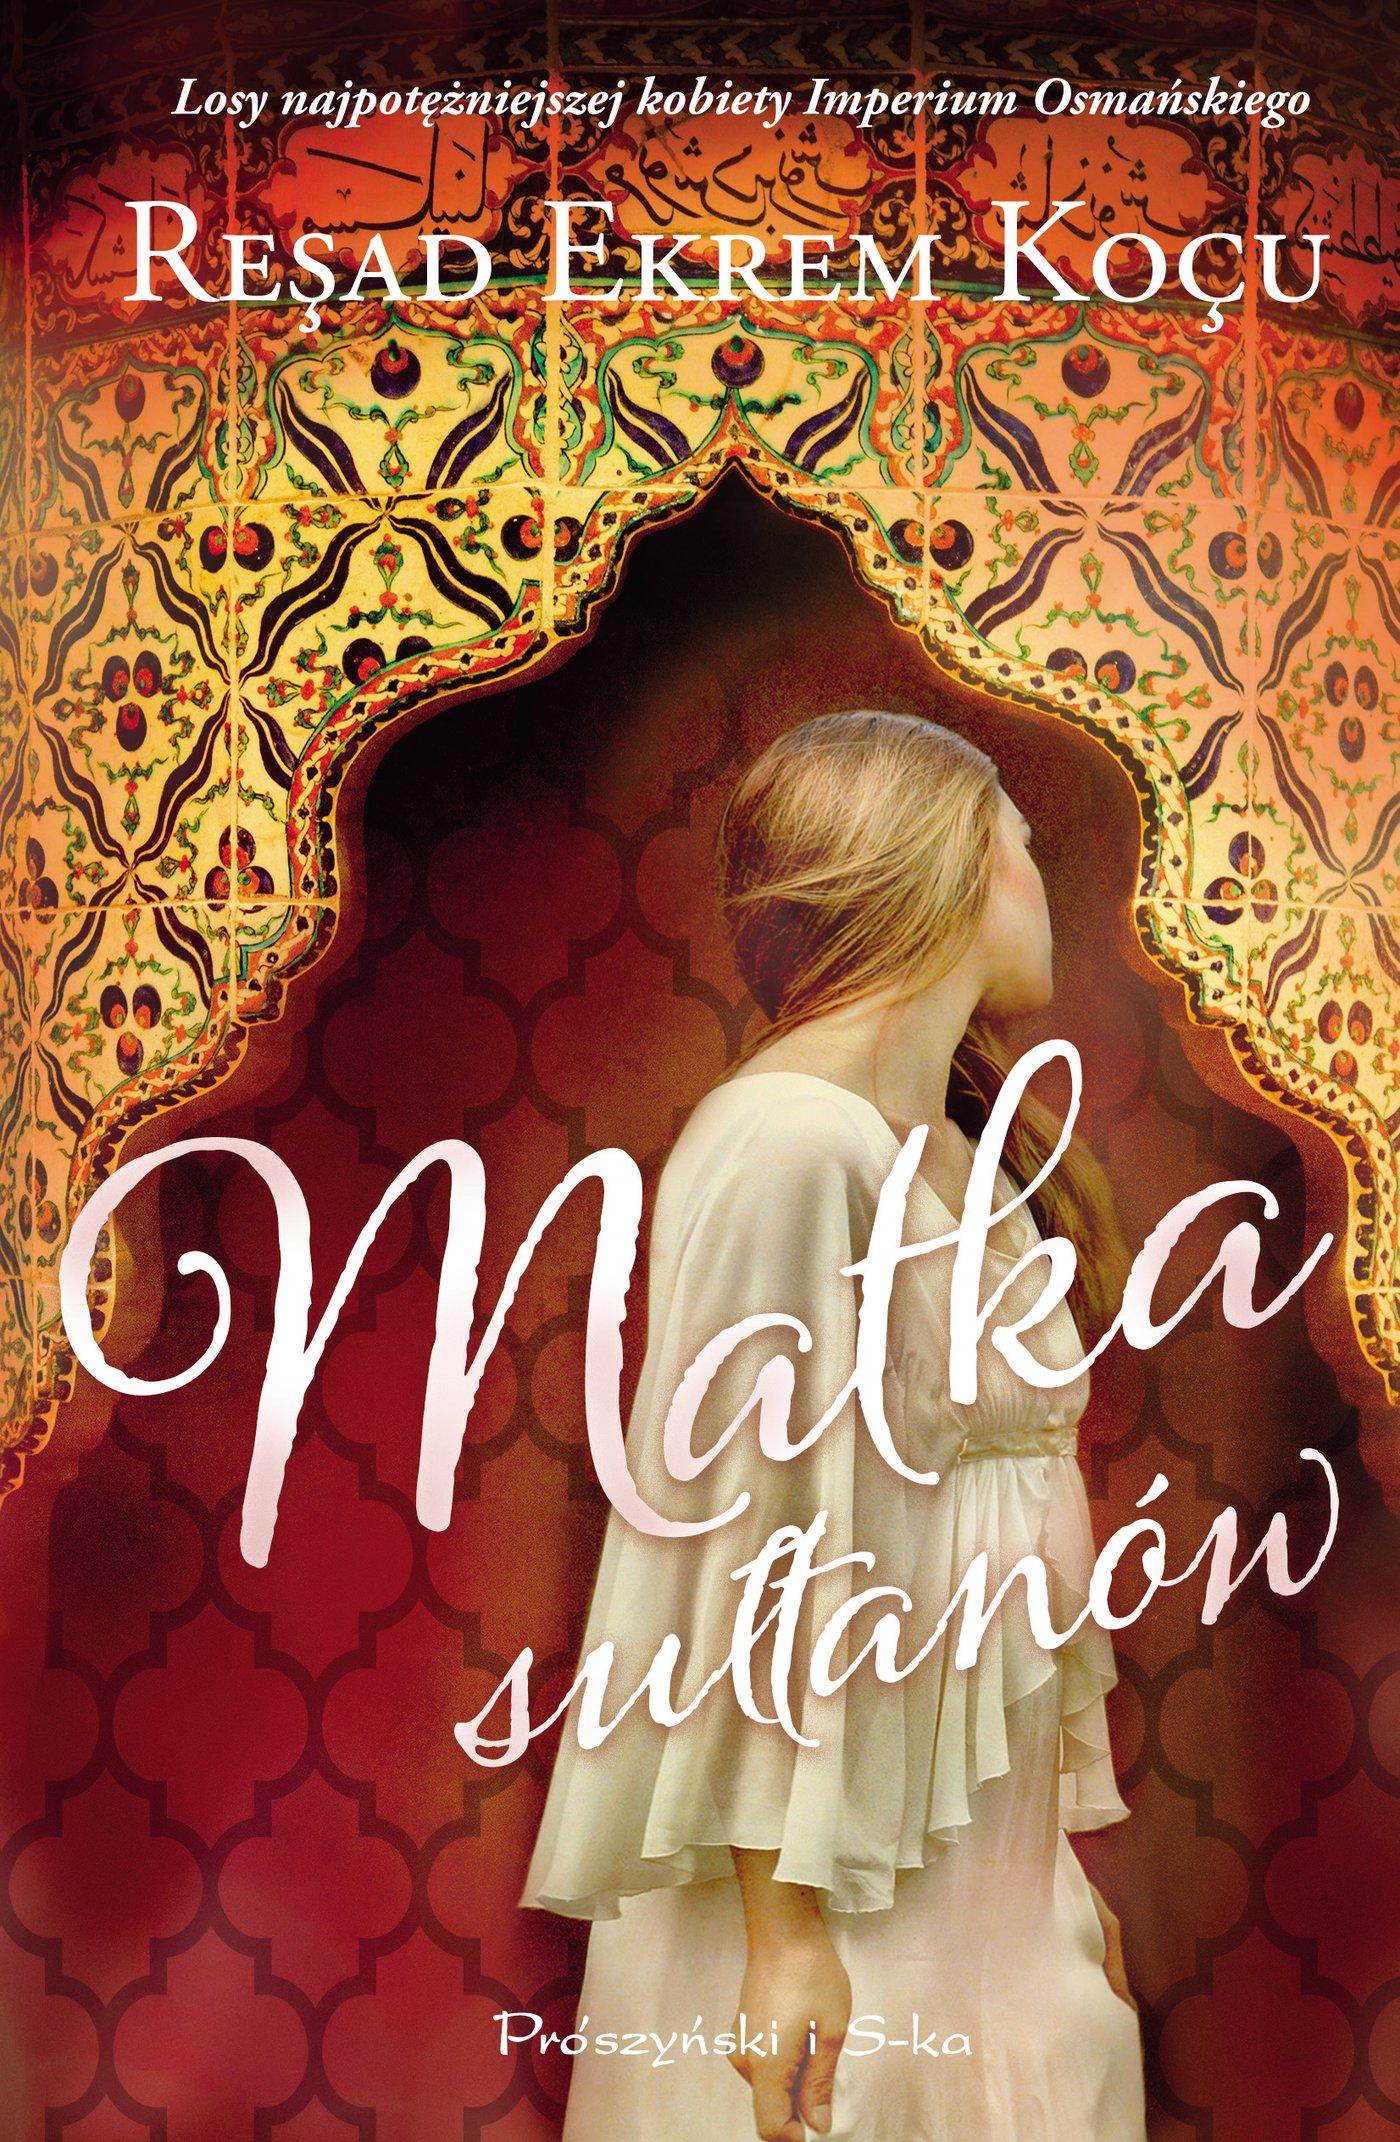 Matka sułtanów - Ebook (Książka na Kindle) do pobrania w formacie MOBI